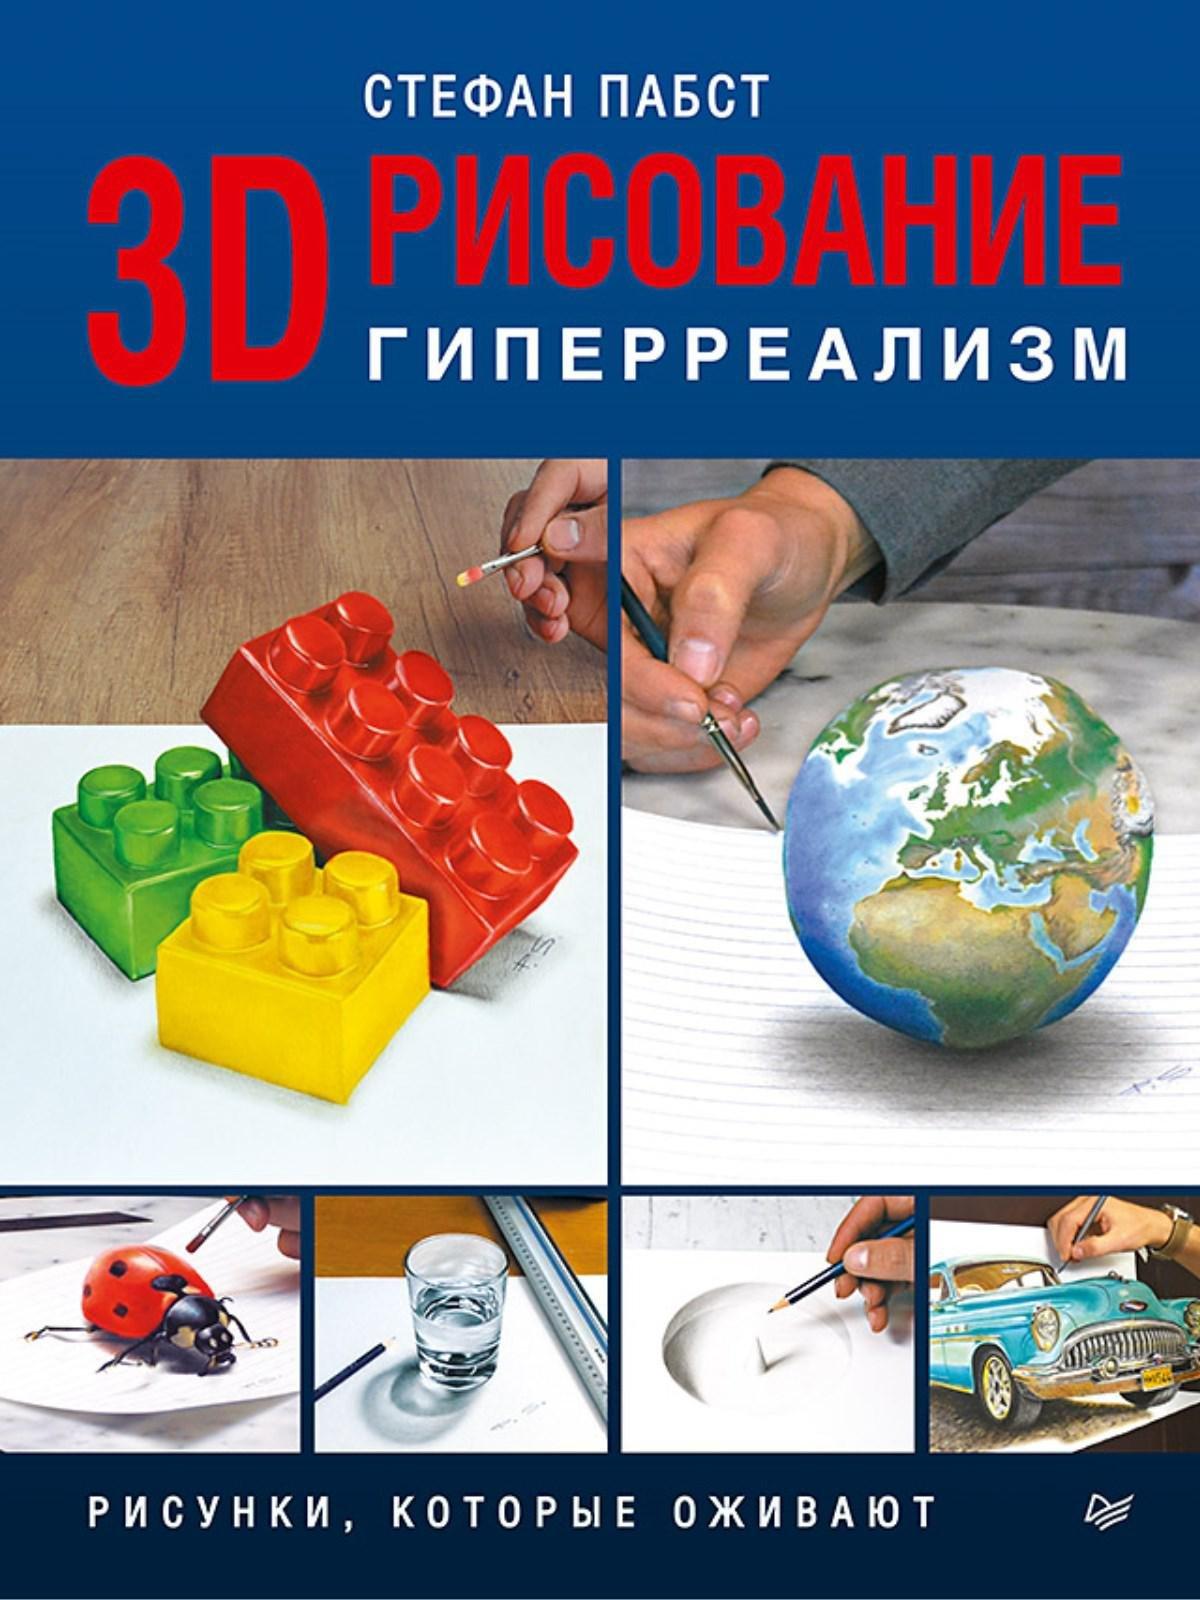 3D-рисование. Гиперреализм Рисунки, которые оживают ( Пабст С  )